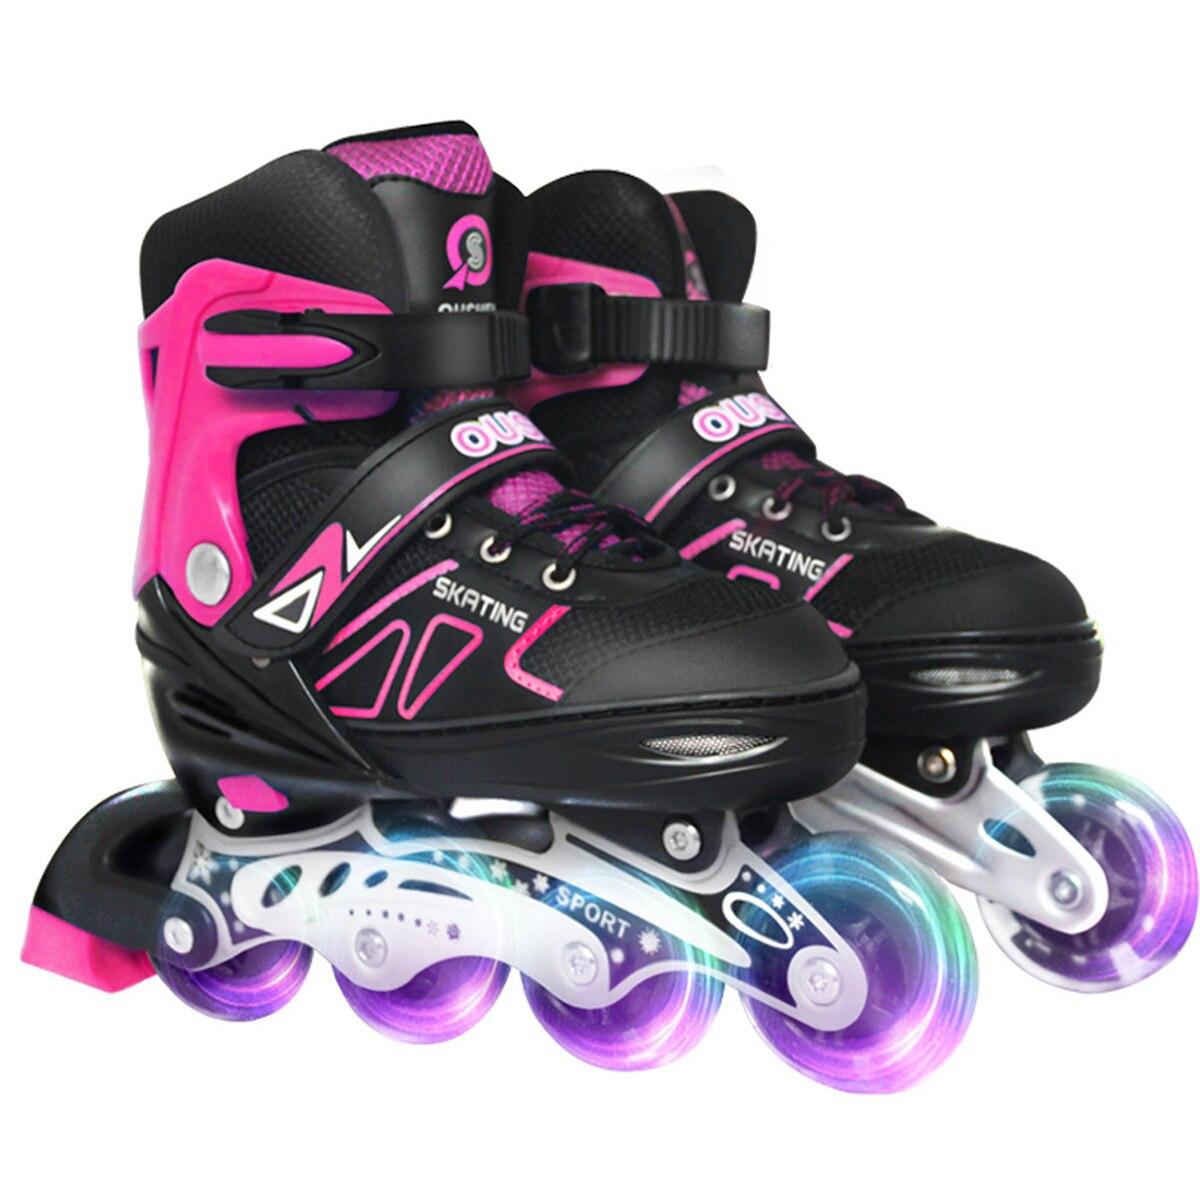 Регулируемые роликовые коньки, профессиональные слаломы, Взрослые роликовые коньки, сдвижные свободные коньки для кроссовок, однотонные